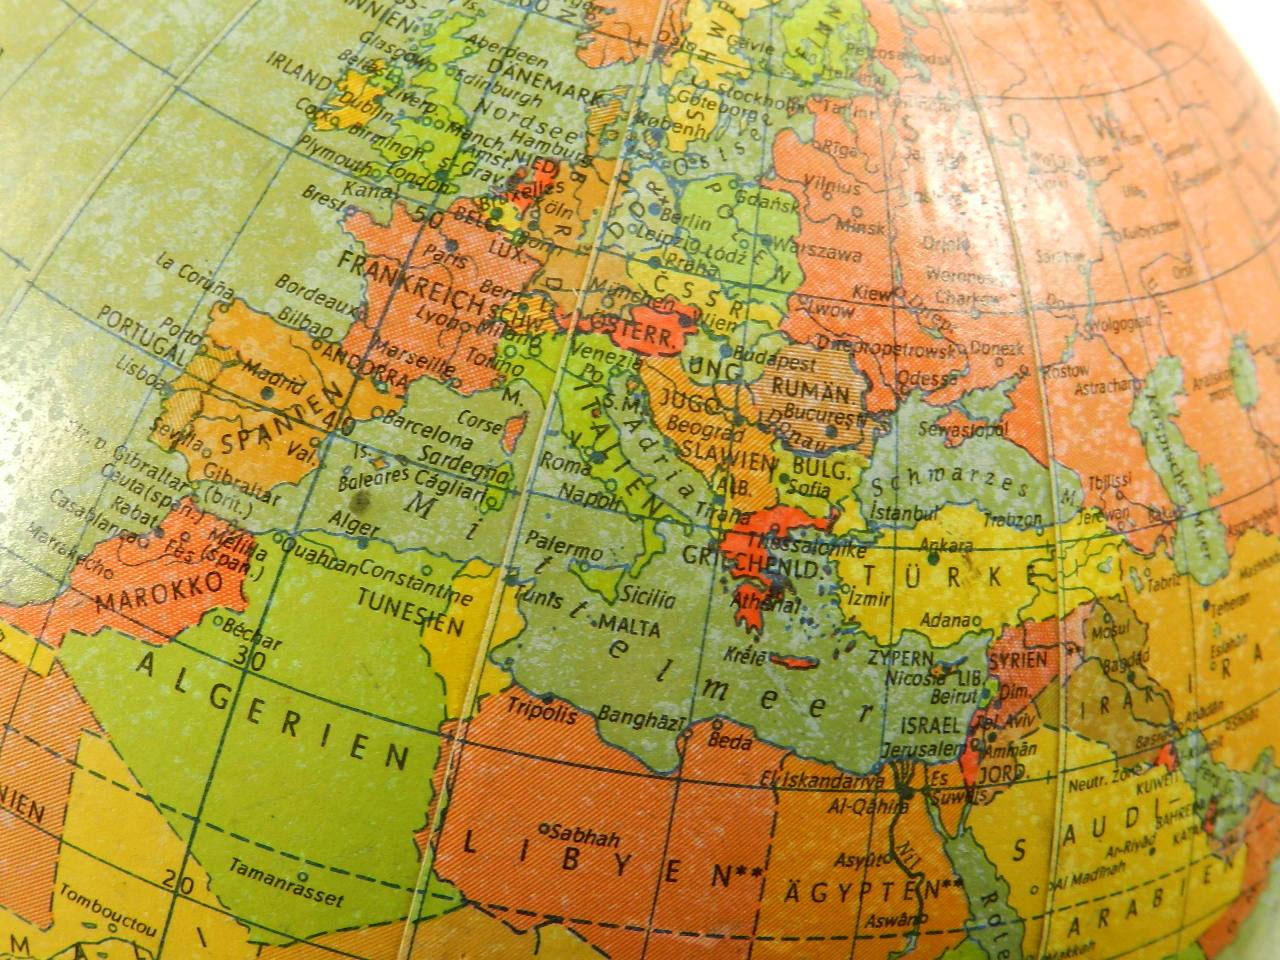 Imagen GLOBO TERRÁQUEO AÑO 1975 23343